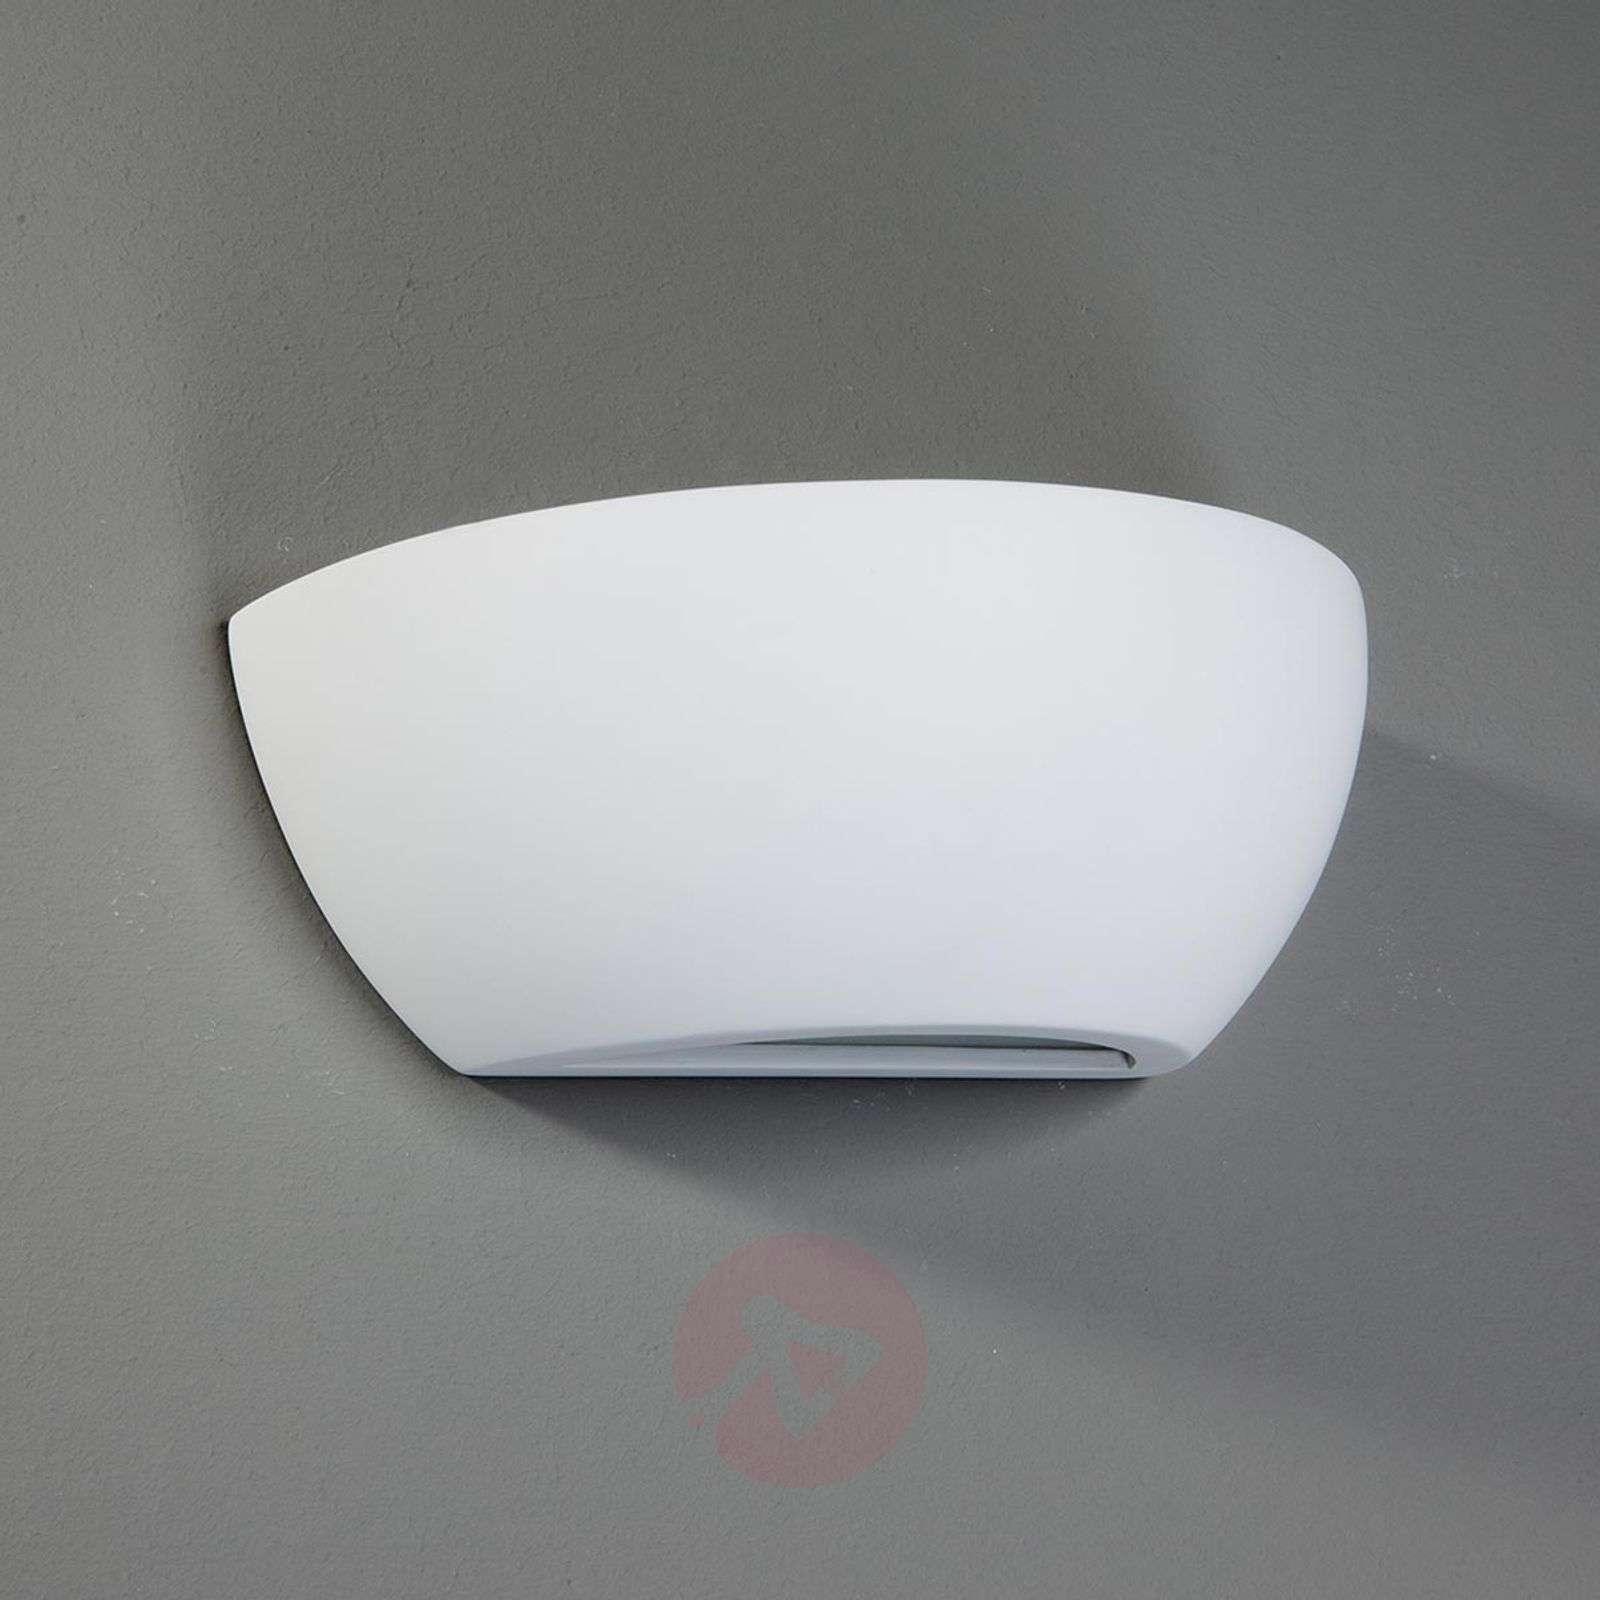 Felia Wall Light Elegant Plaster White-9613007-02